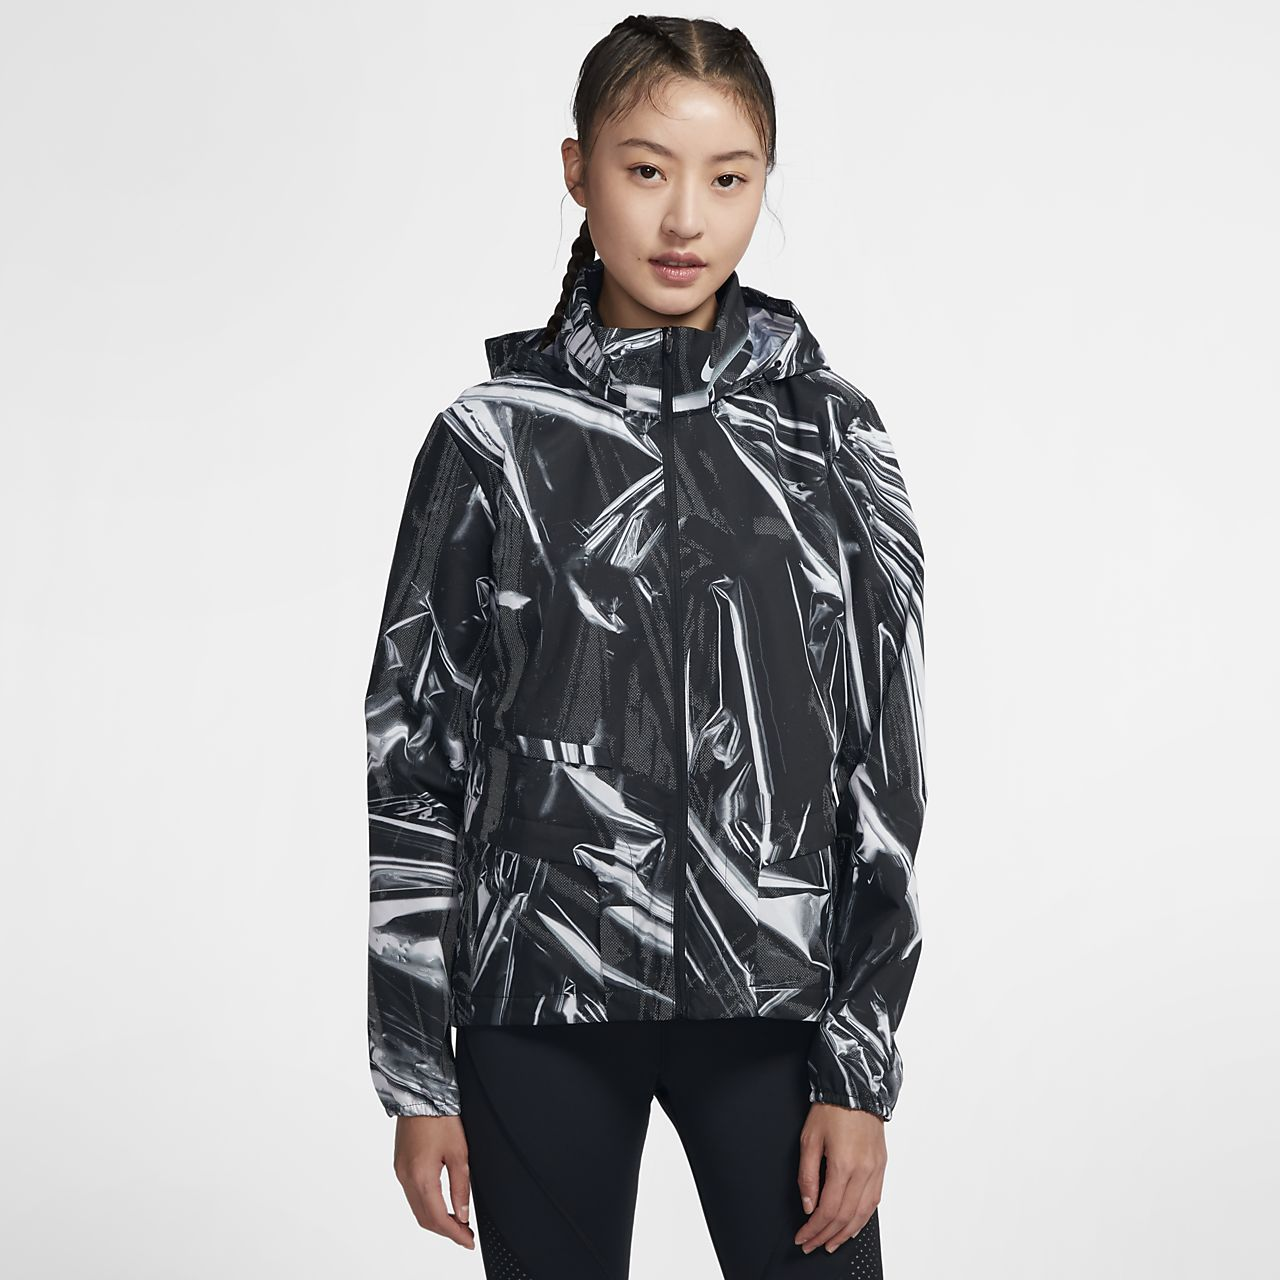 เสื้อแจ็คเก็ตวิ่งผู้หญิงซิปยาว Nike Shield